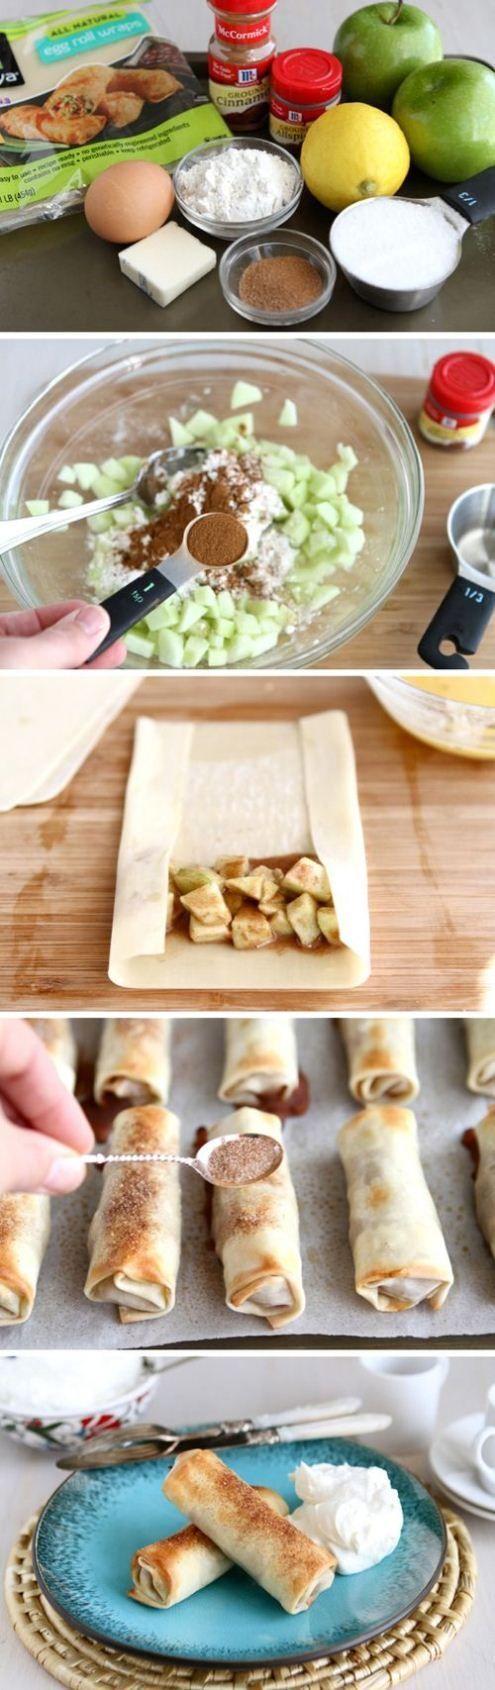 weer eens een andere manier van appeltaart.